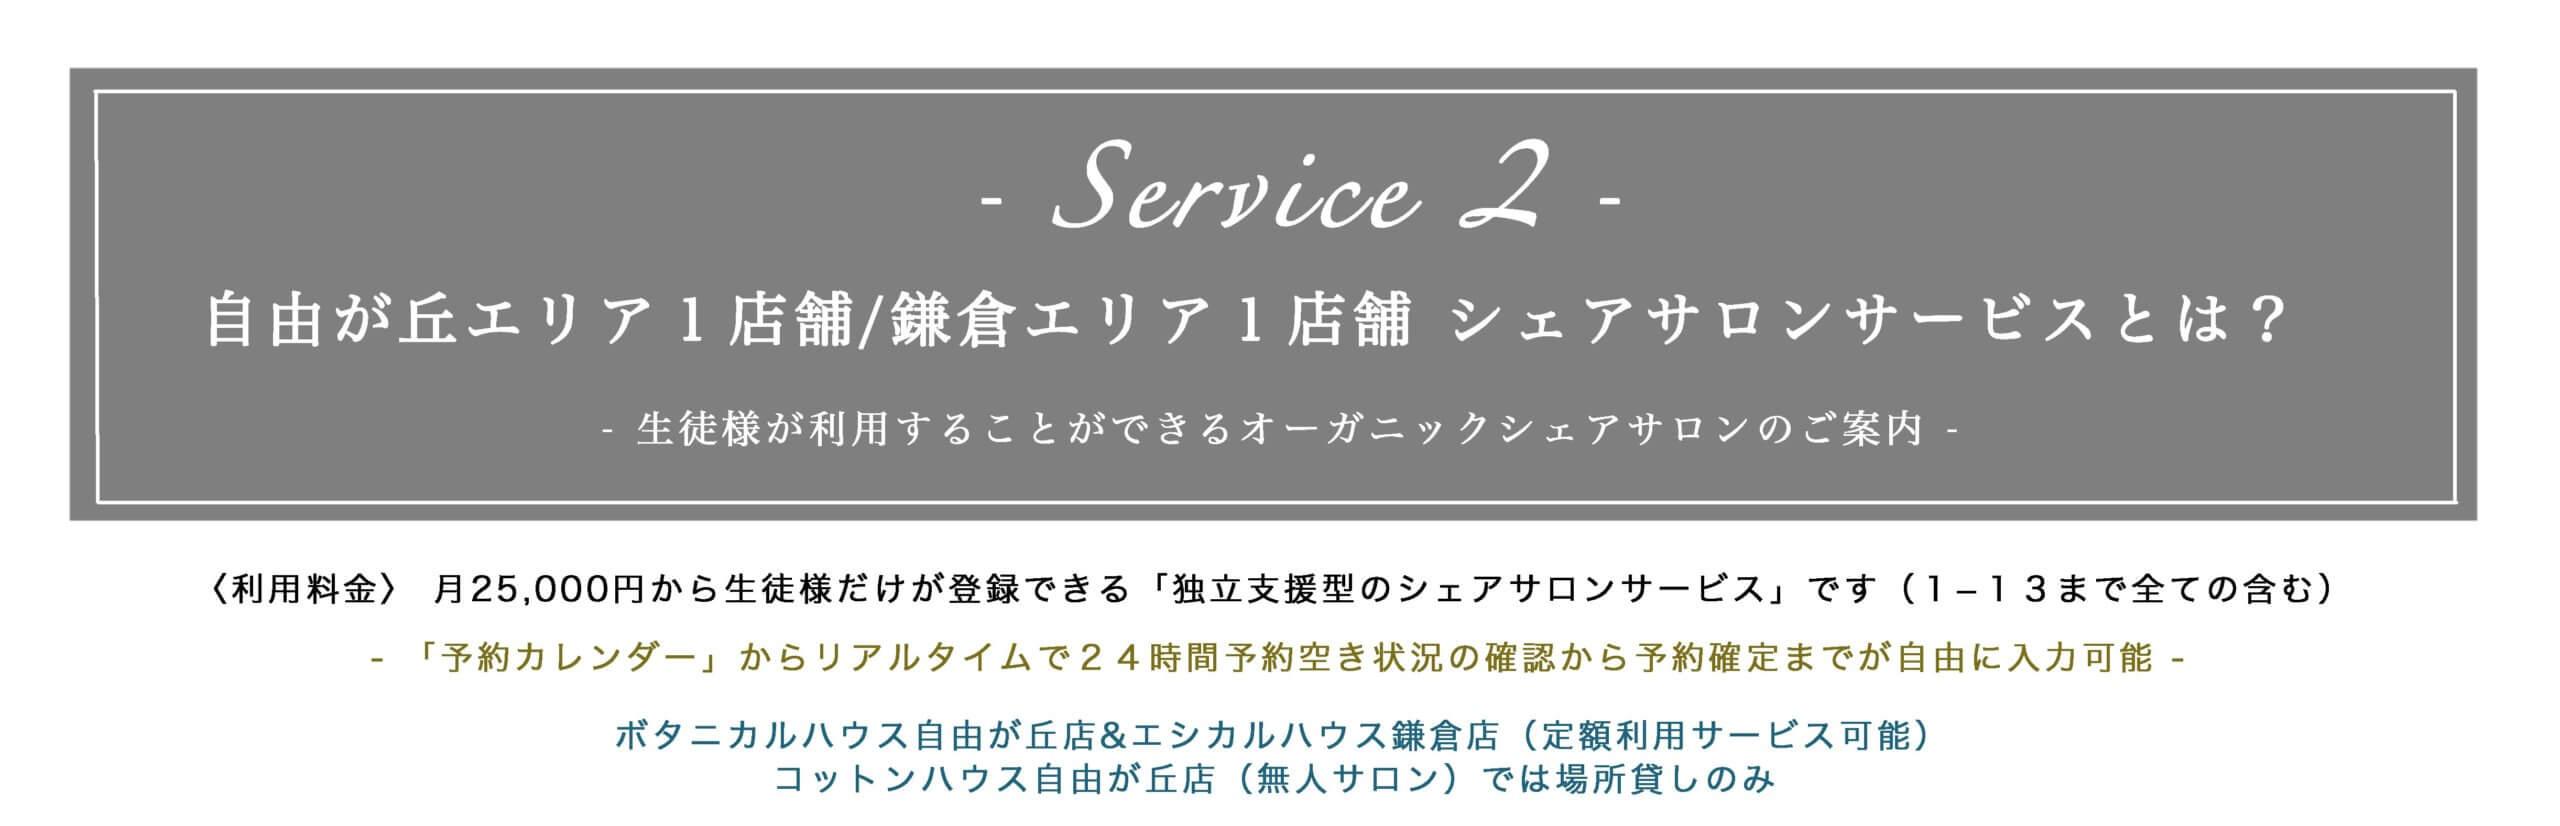 自由が丘エリア1店舗 鎌倉エリア1店舗 シェアサロンサービスとは?